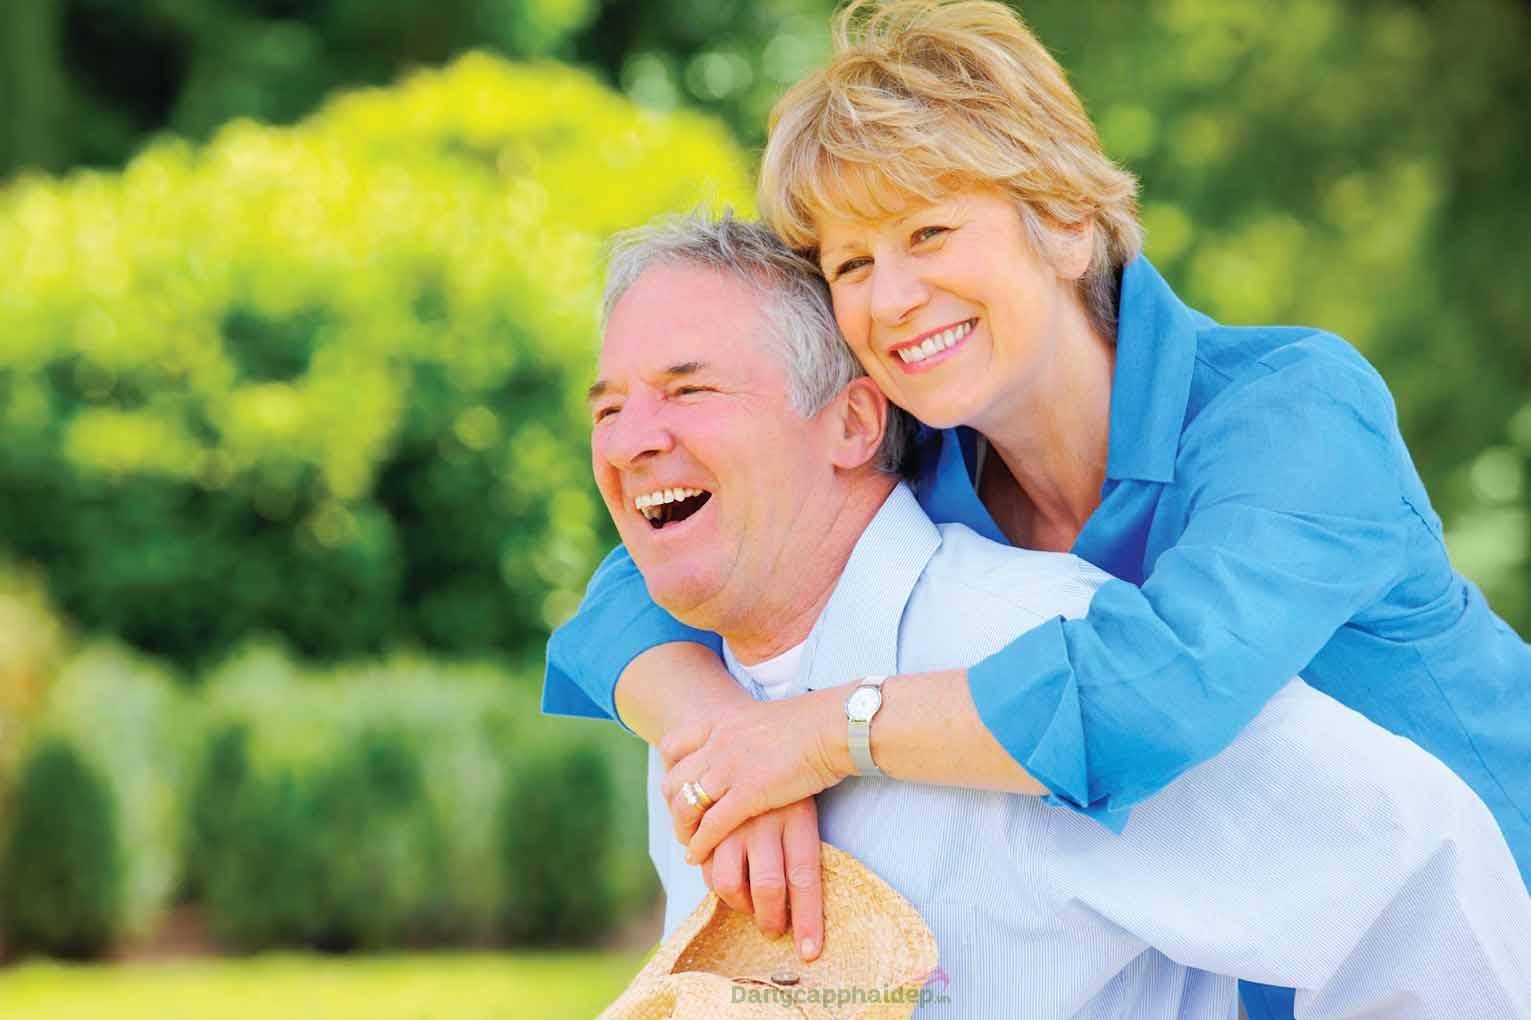 Bàu ngư là thực phẩm dinh dưỡng tốt cho mọi đối tượng là người già, trẻ em, phụ nữ...